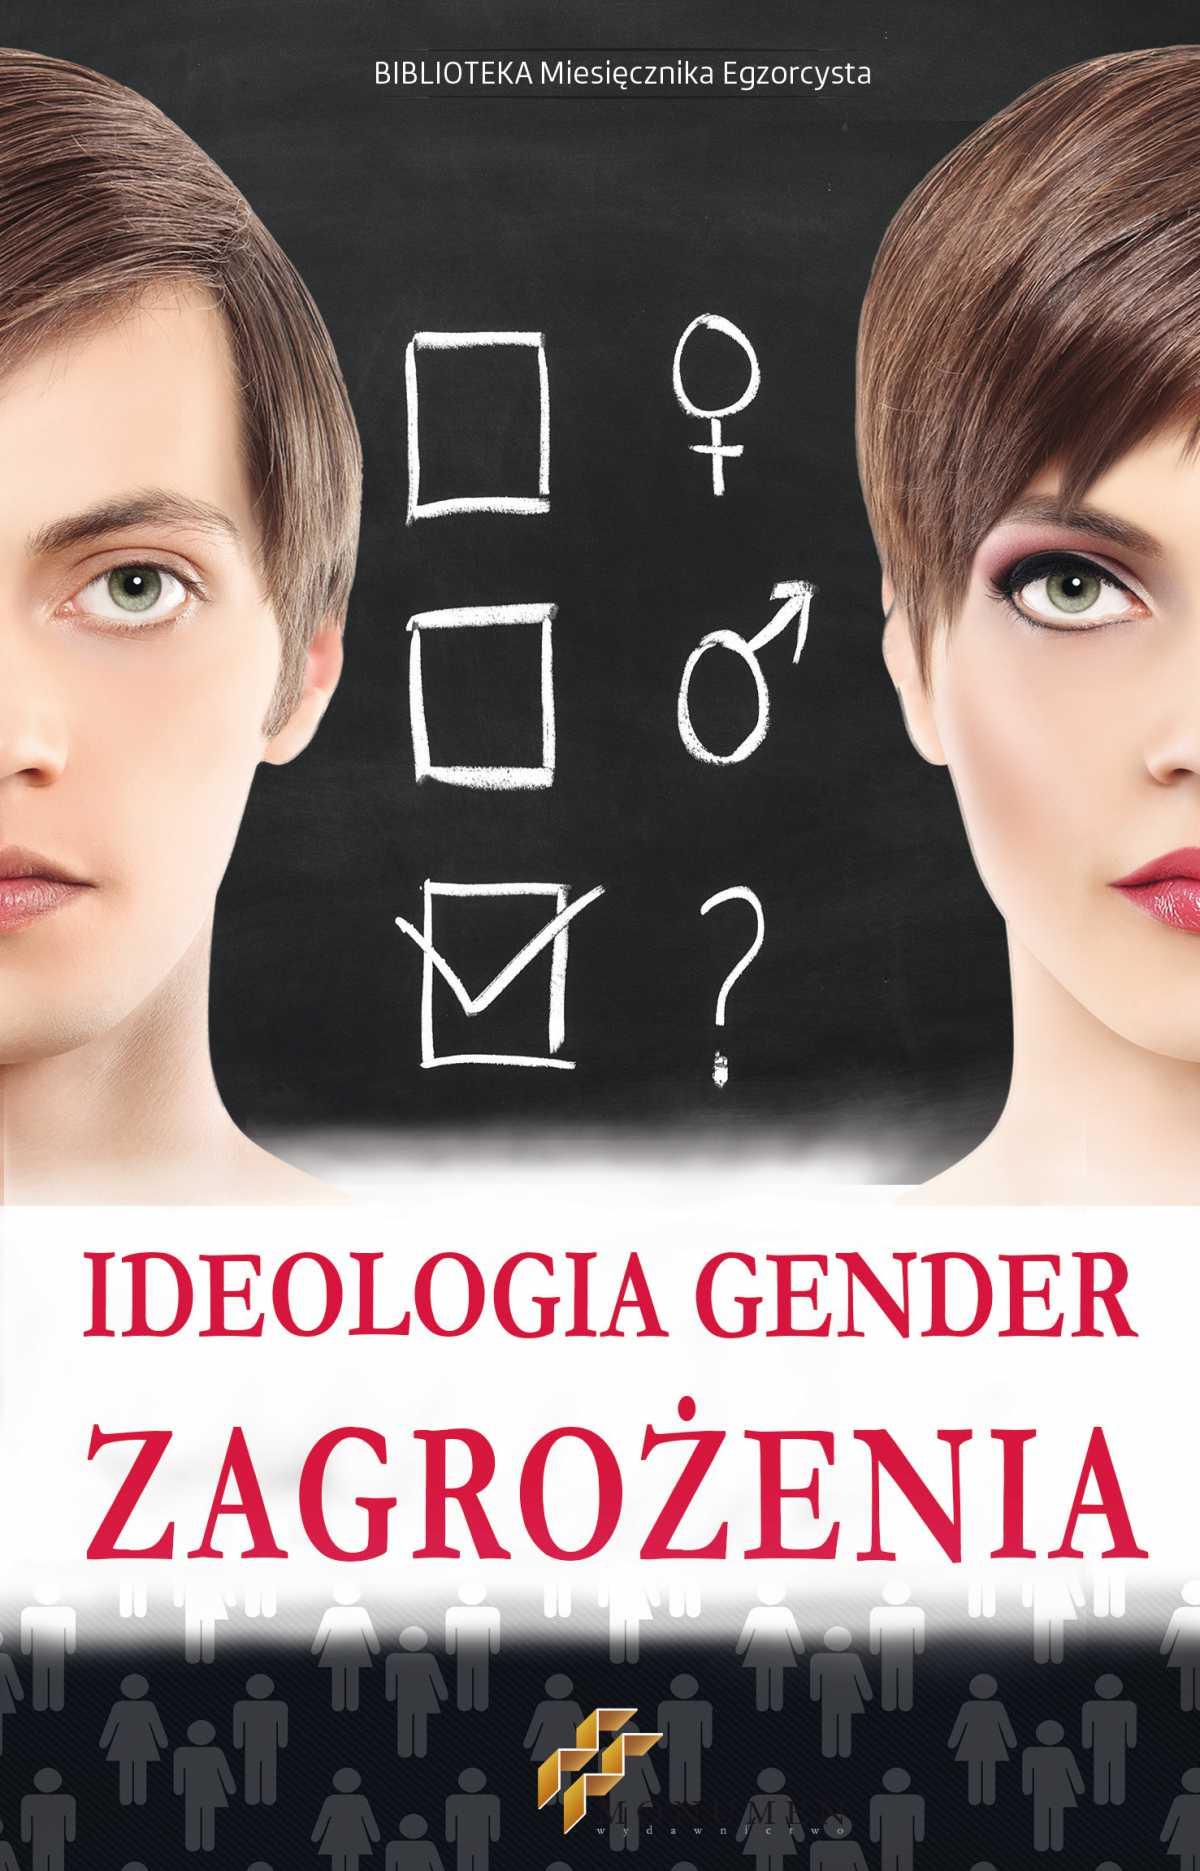 Ideologia Gender. Zagrożenia - Ebook (Książka EPUB) do pobrania w formacie EPUB